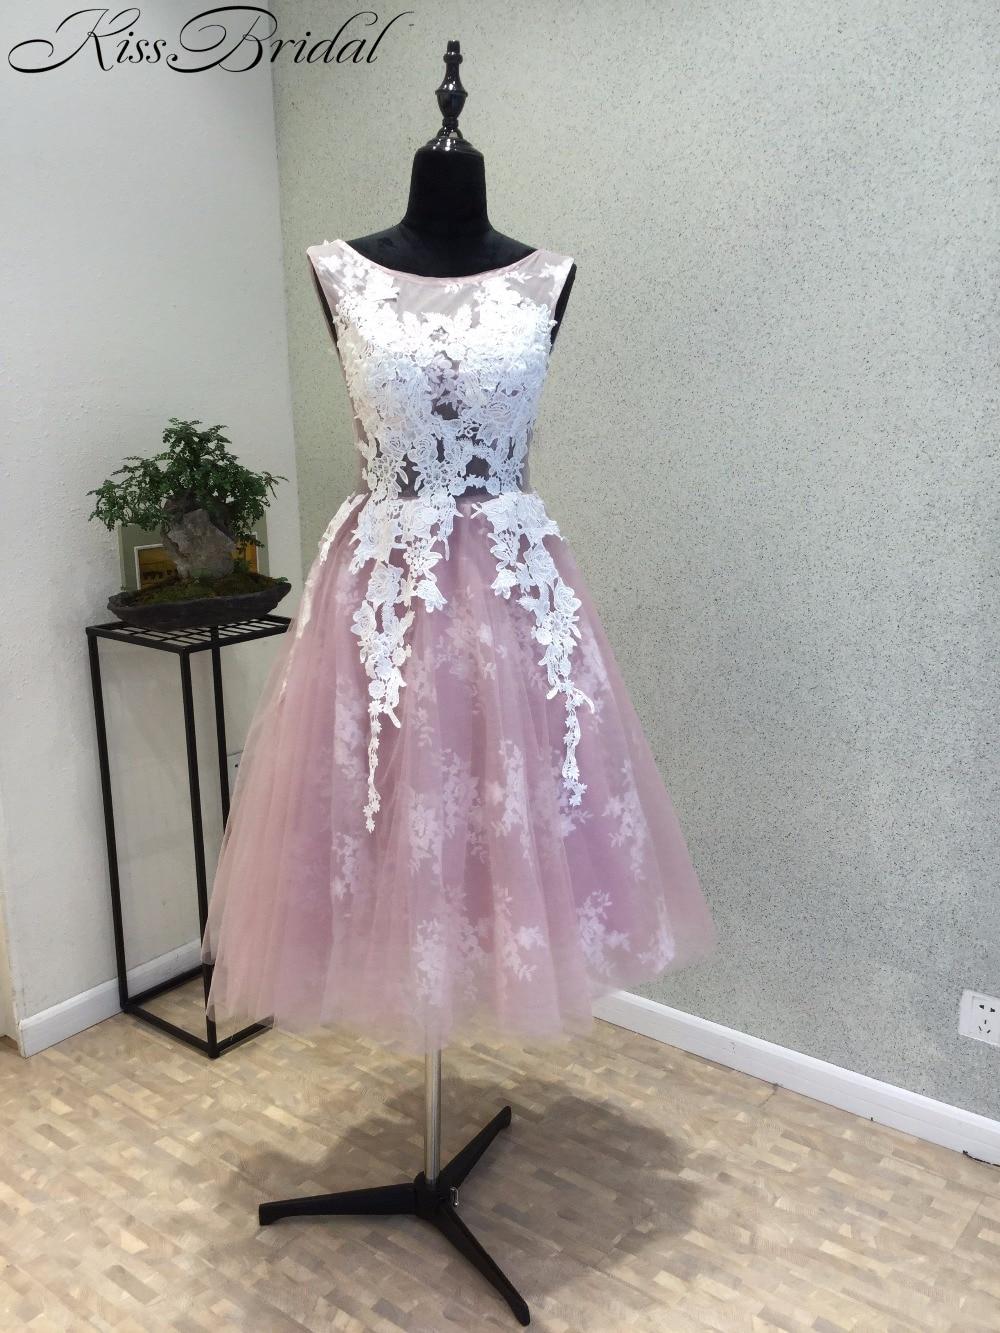 गर्म बेचना प्रोम ड्रेस 2018 - विशेष अवसरों के लिए ड्रेस